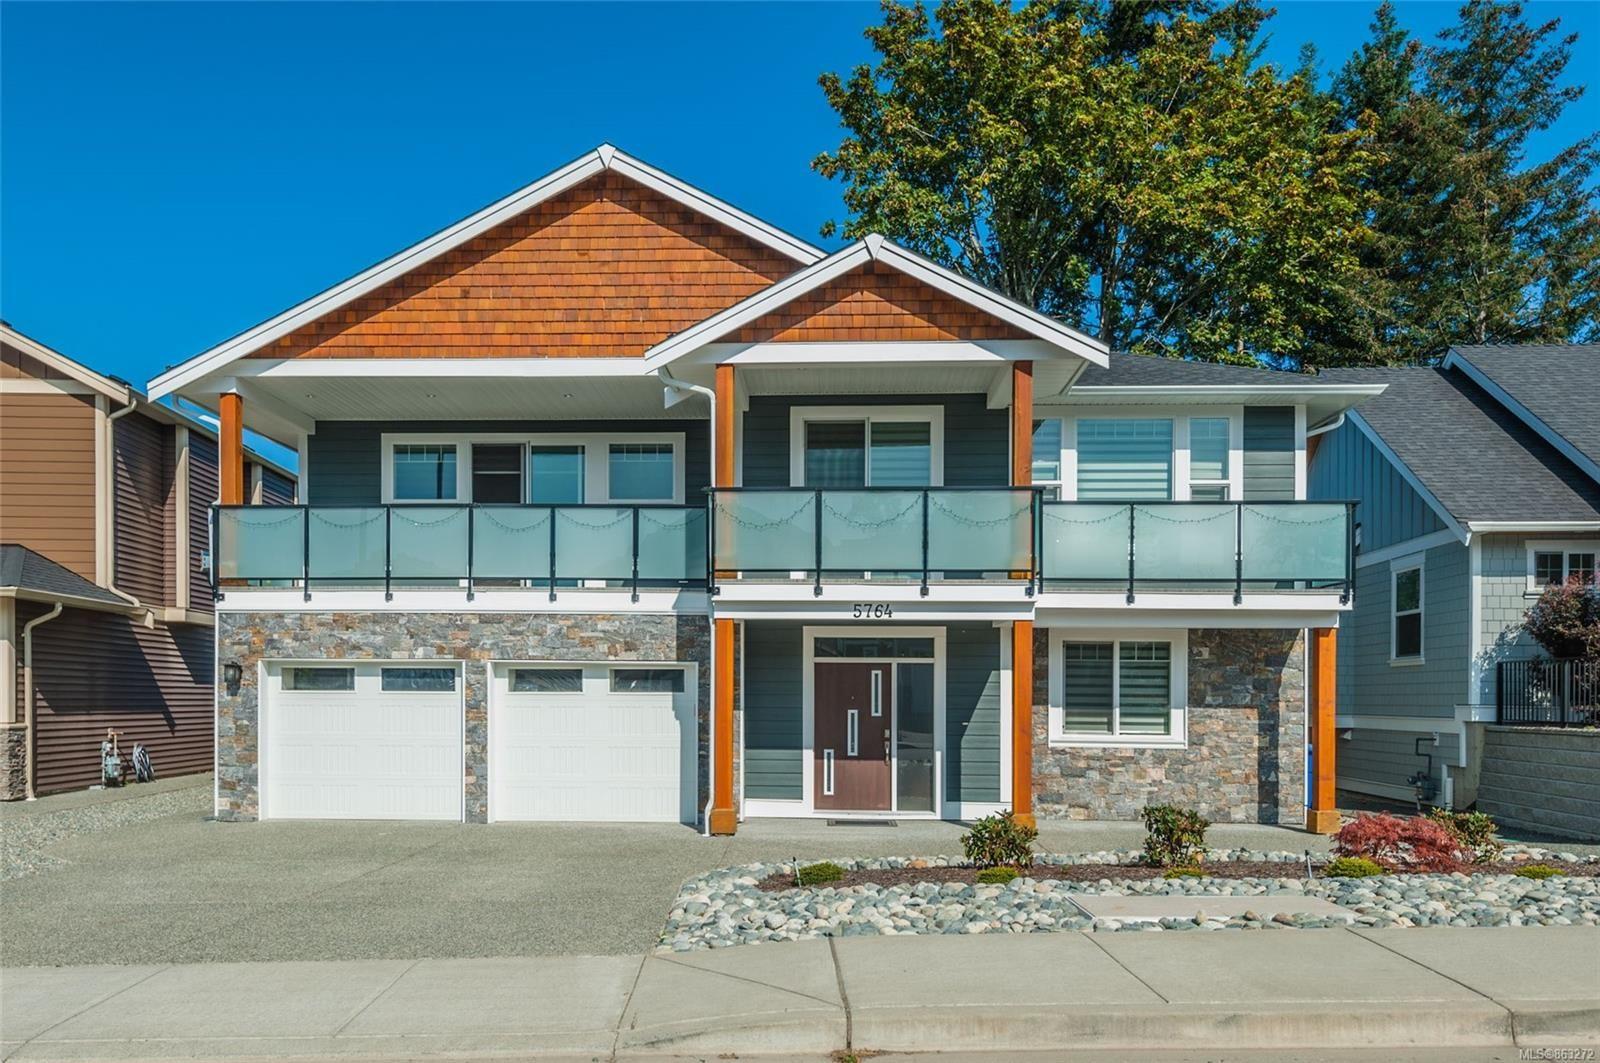 Main Photo: 5764 Linyard Rd in : Na North Nanaimo House for sale (Nanaimo)  : MLS®# 863272